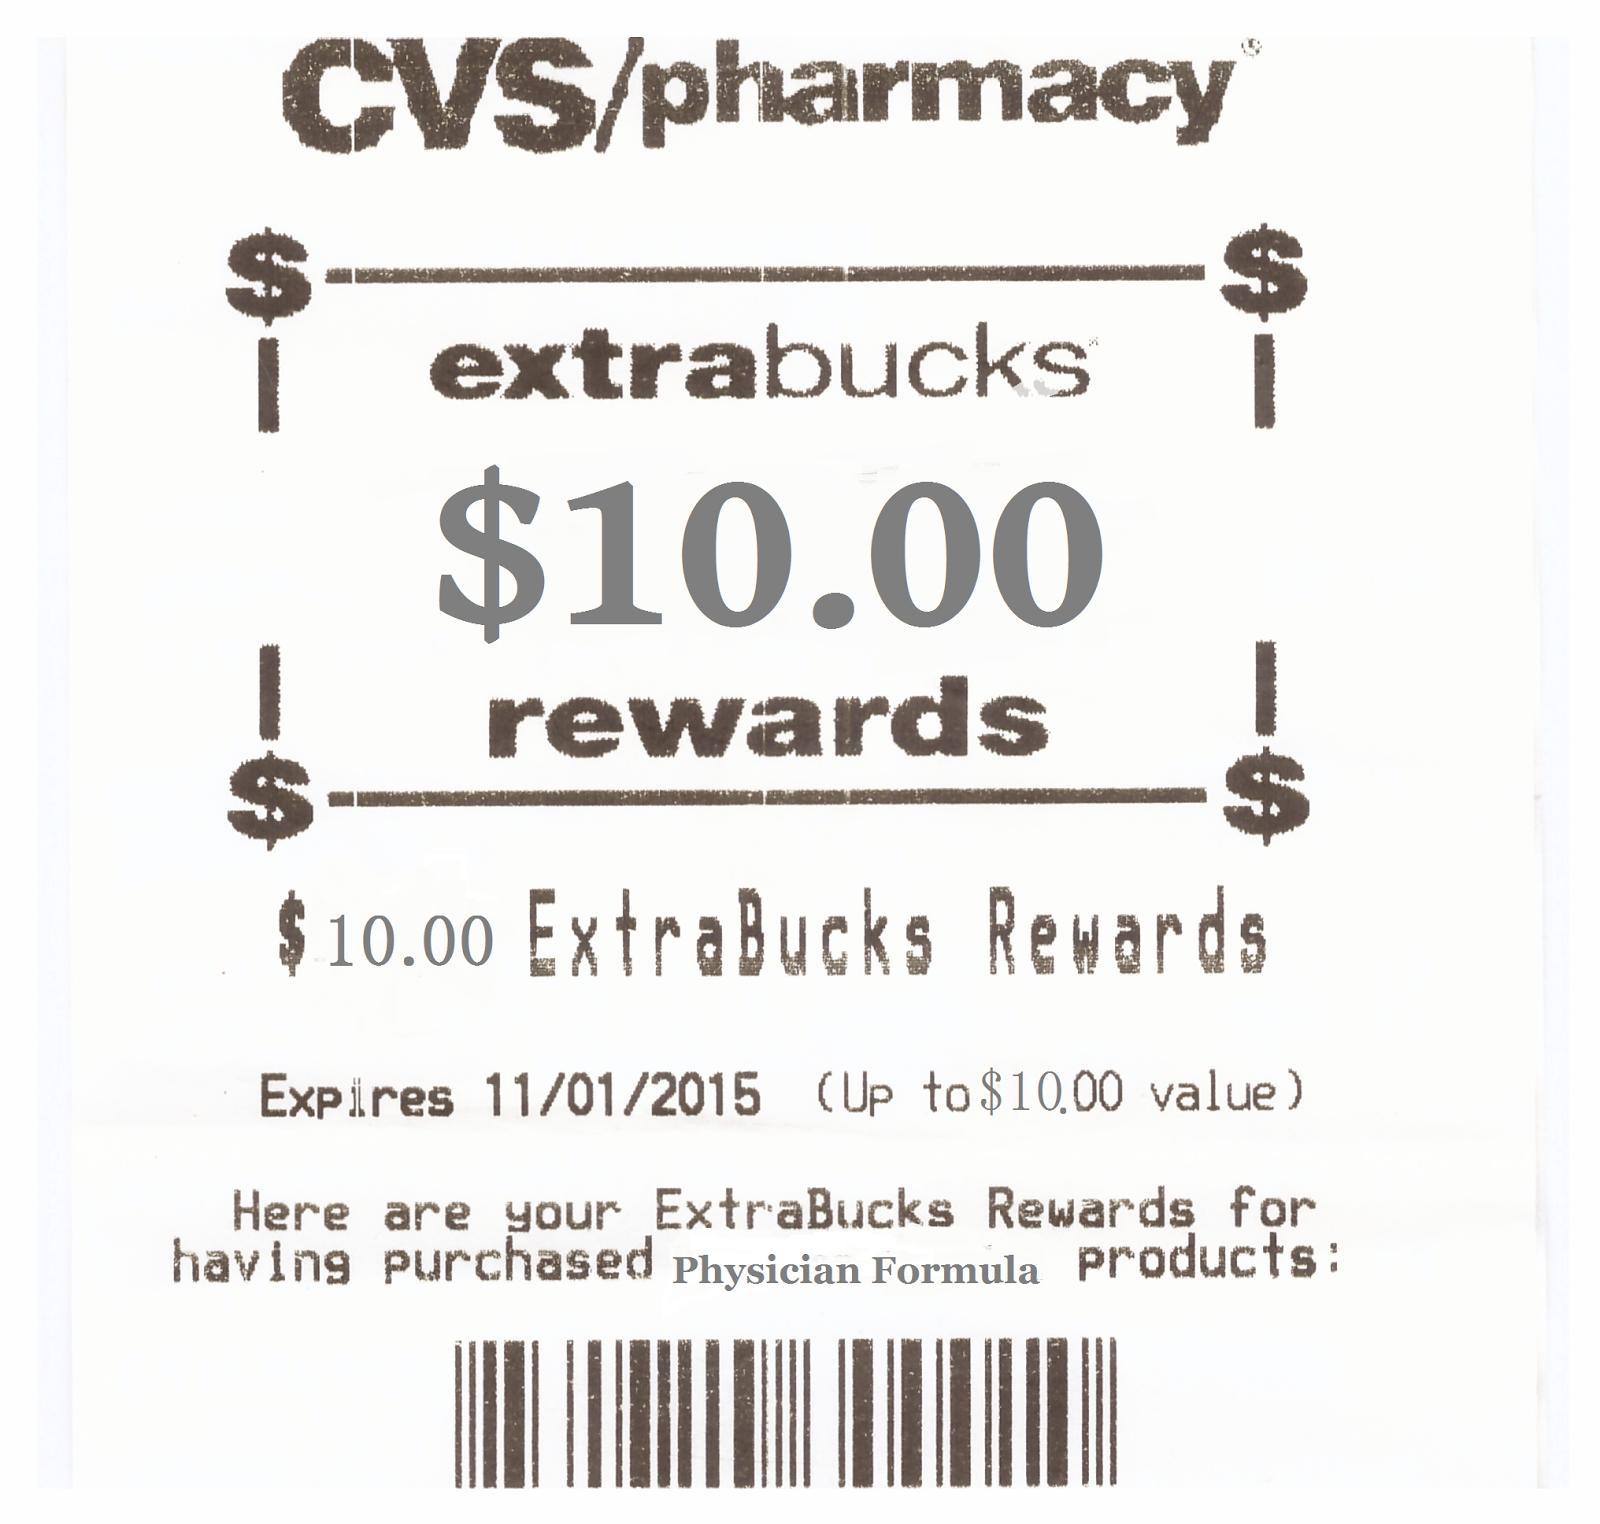 Cvs savings coupons